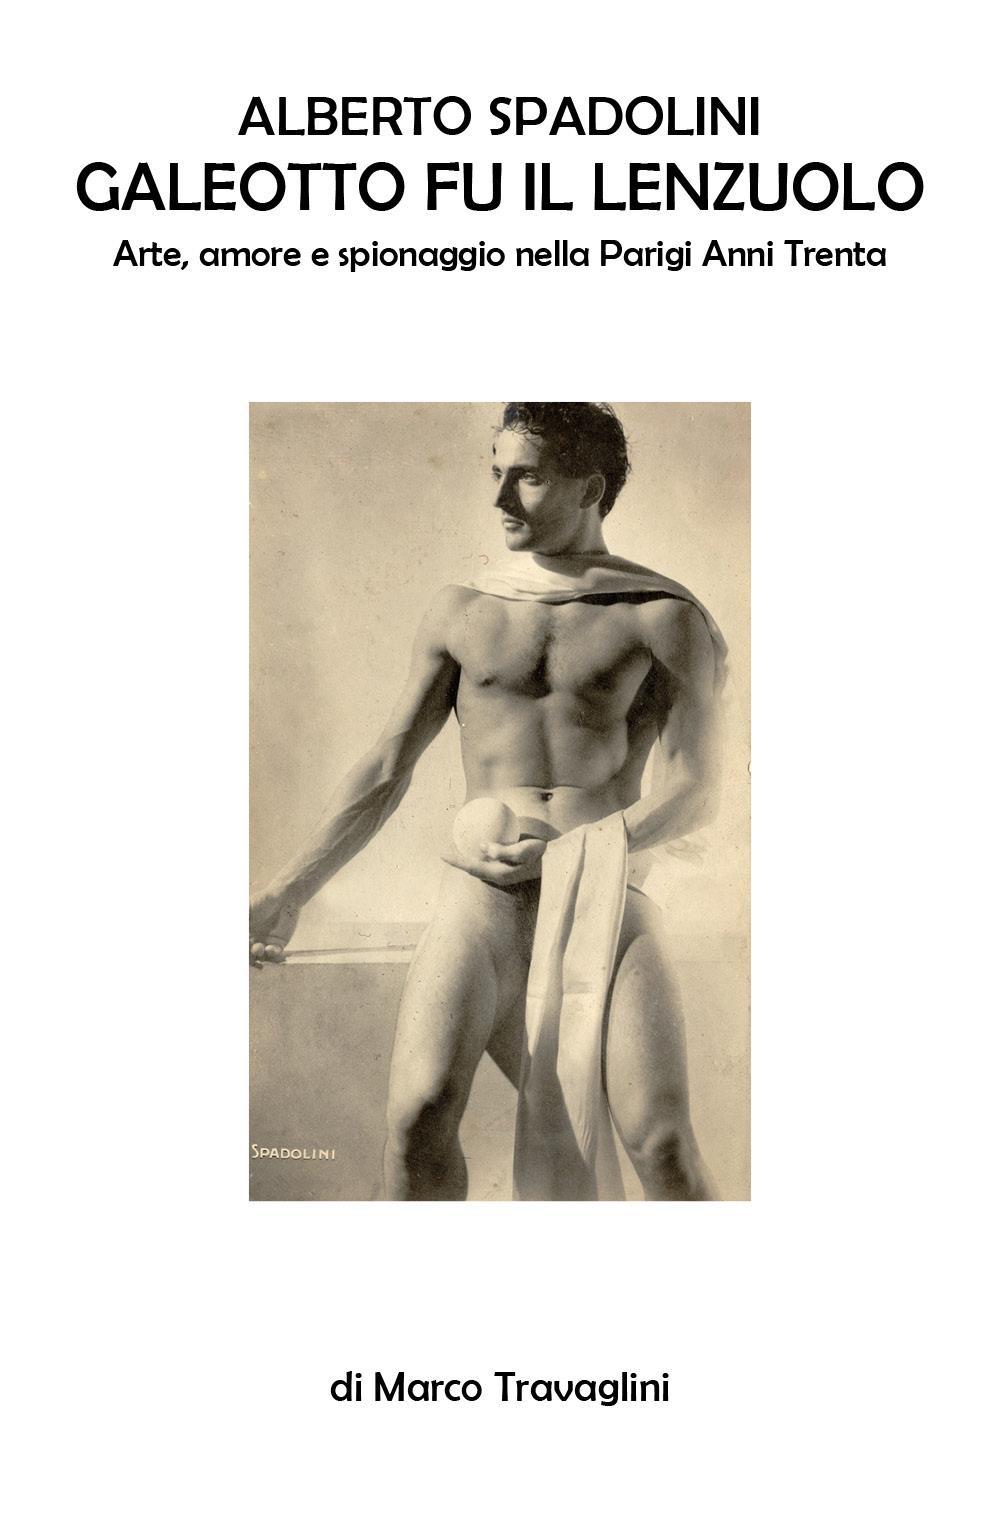 Alberto Spadolini, galeotto fu il lenzuolo